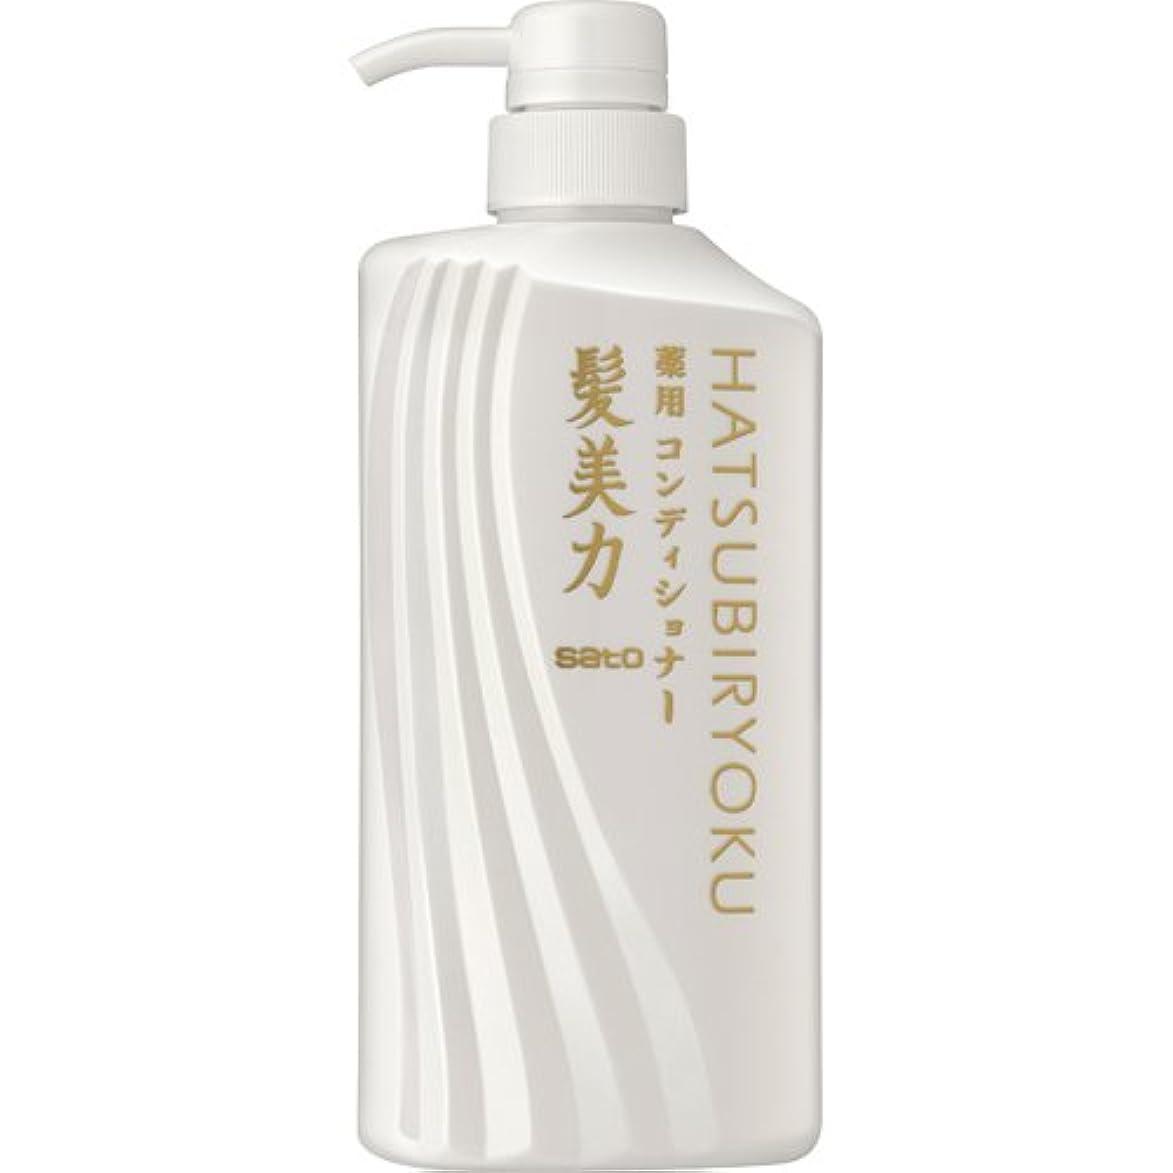 千生活効果的佐藤製薬 髪美力(はつびりょく) 薬用スカルプコンディショナー 500ml E418006H